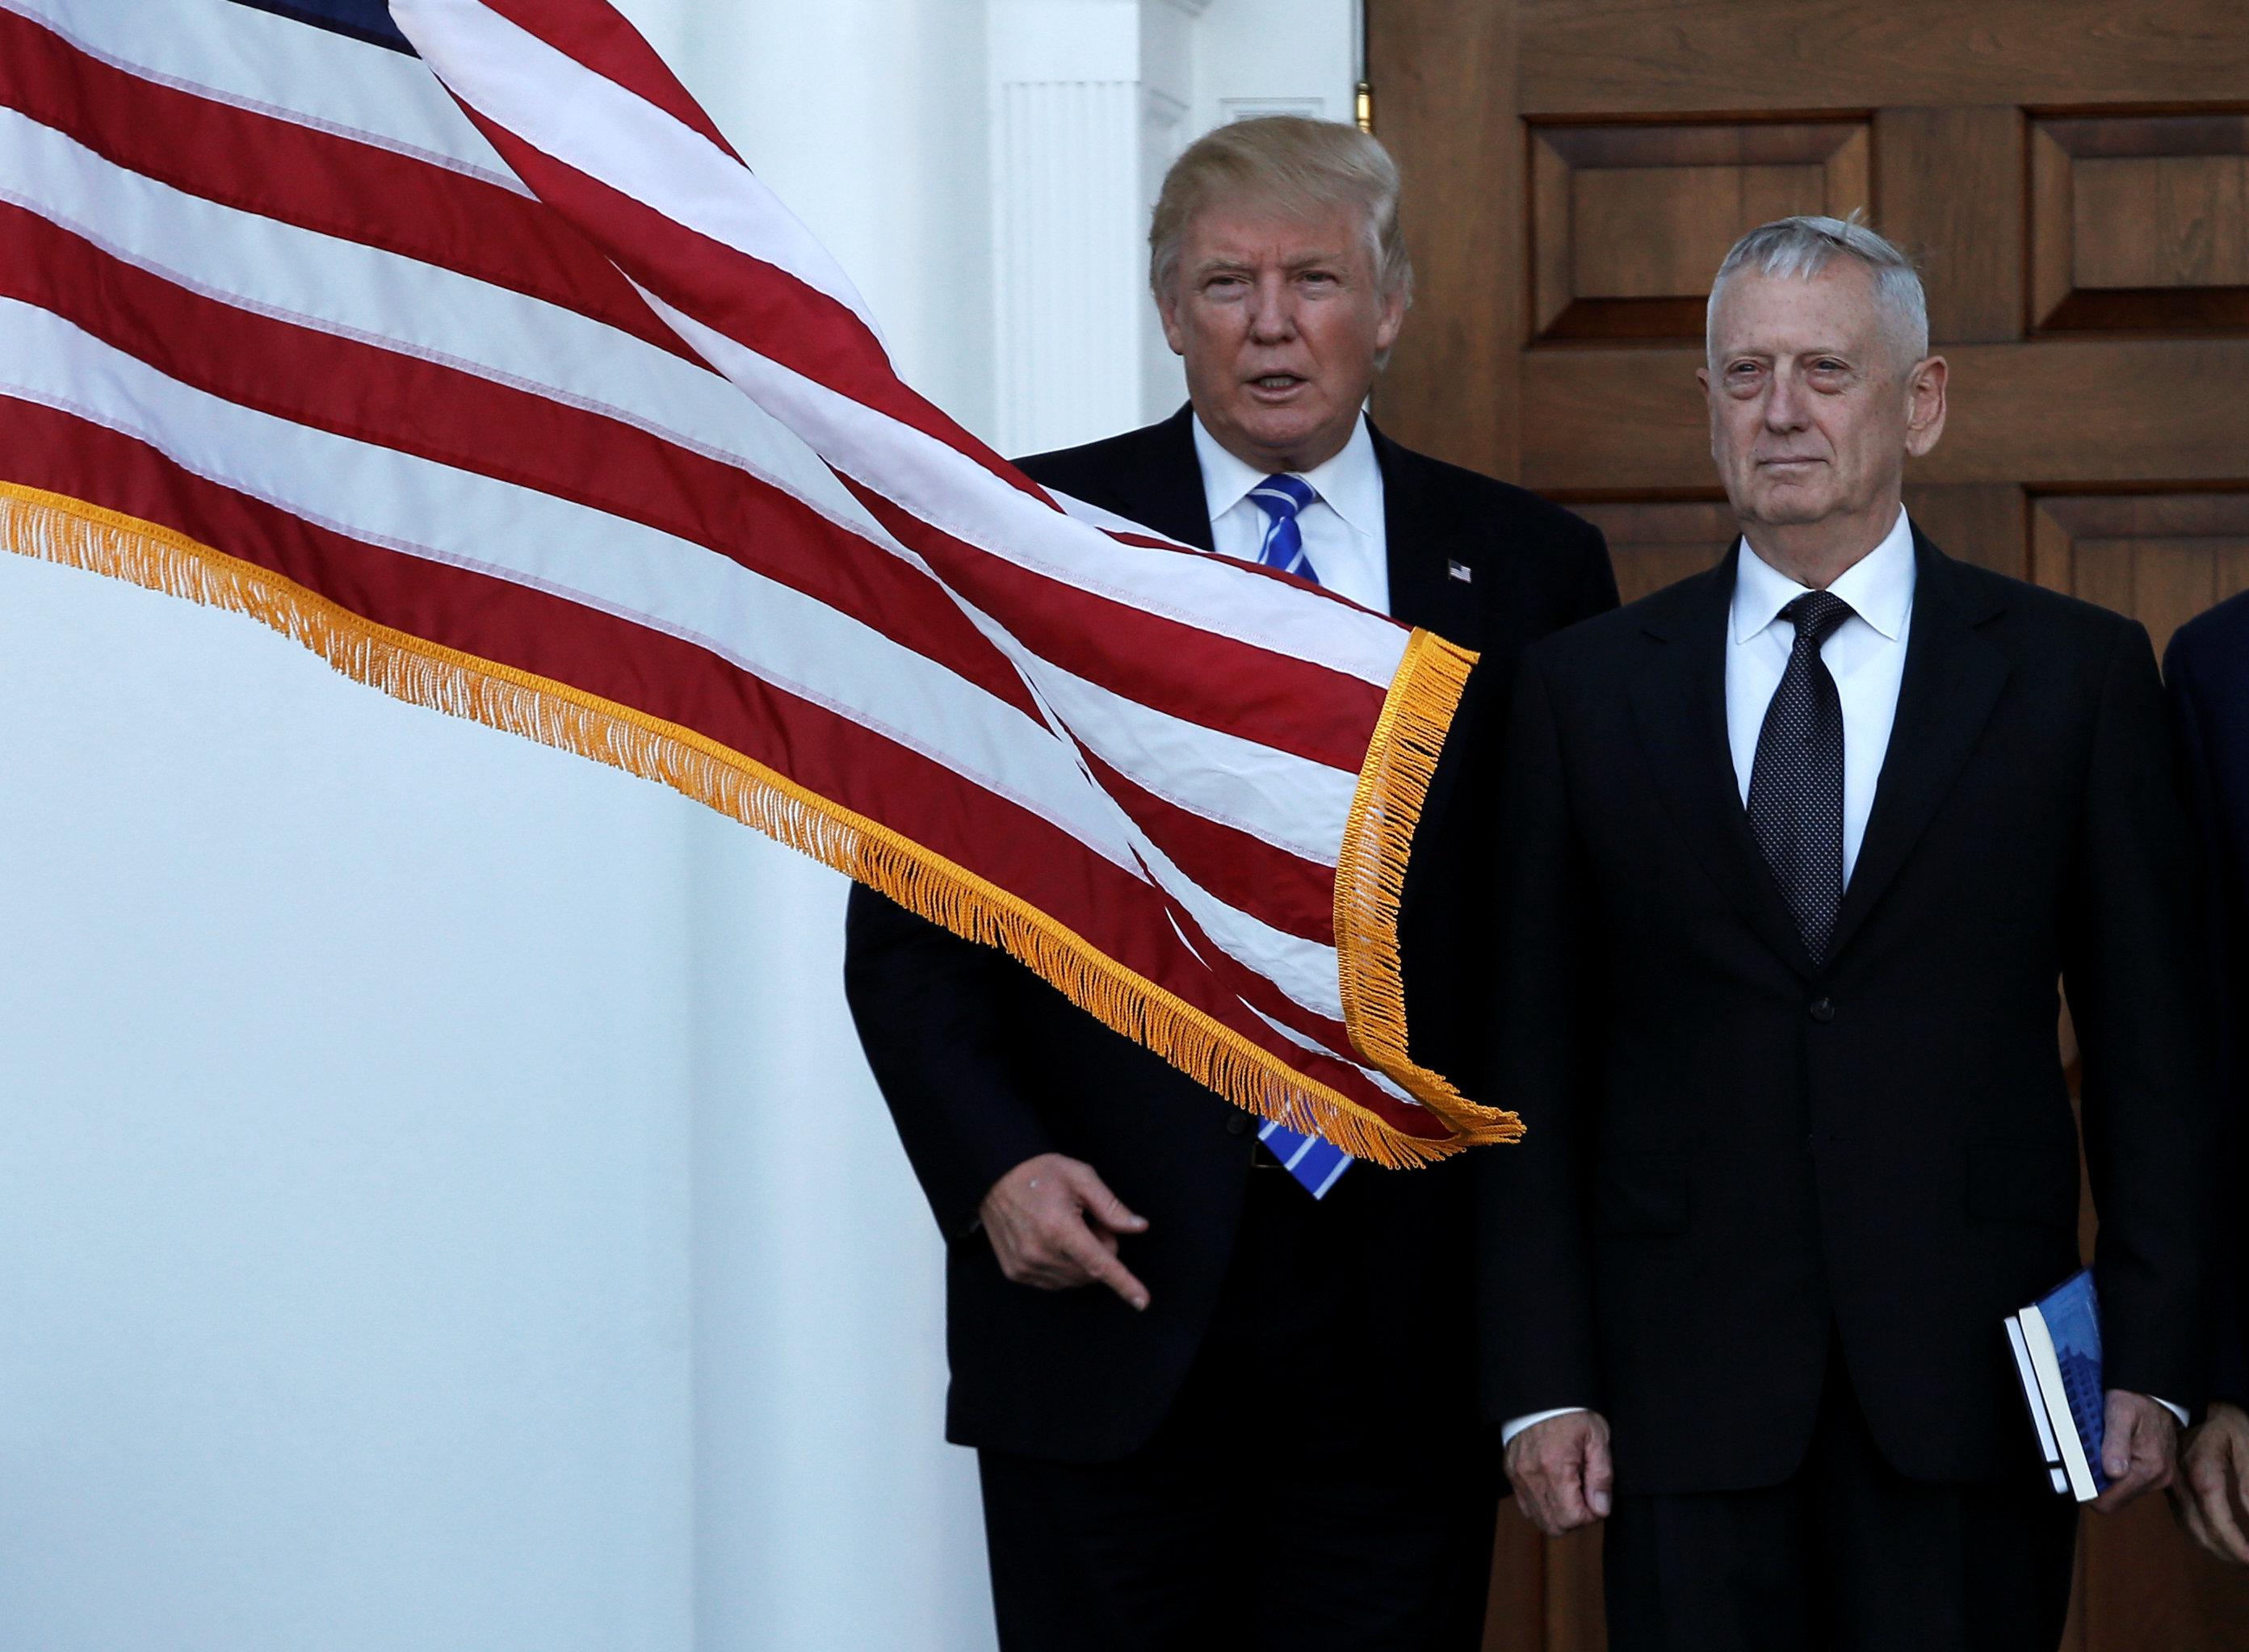 აშშ-ის ახალი პრეზიდენტი დონალდ ტრამპი ესალმება საზღვაო ქვეითთა გადამდგარ გენერალ ჯეიმს მატისს ბედმინსტერში, ნიუ ჯერსი